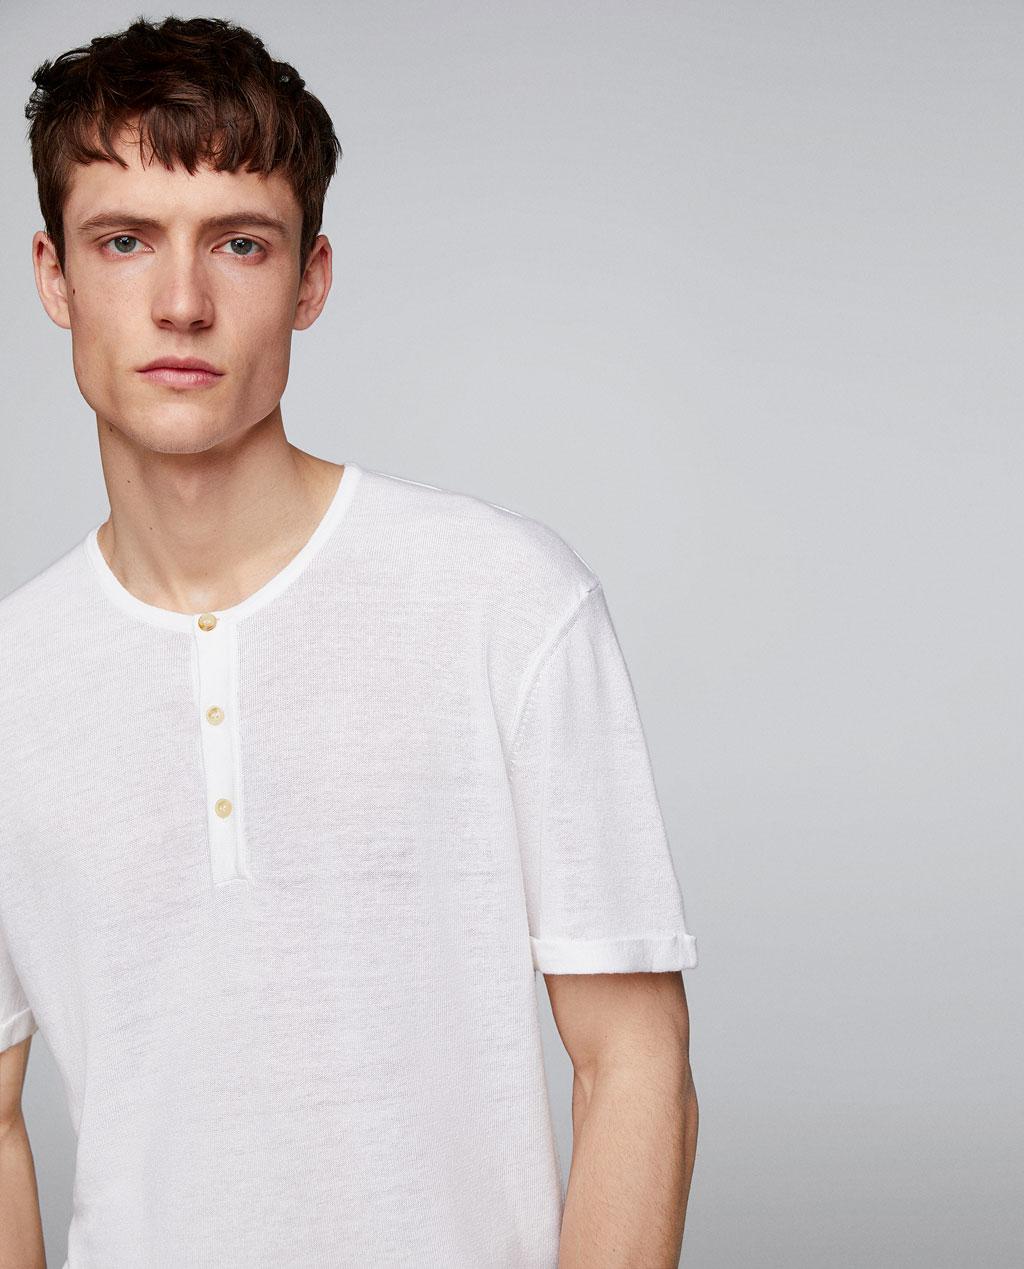 Thời trang nam Zara  24001 - ảnh 6